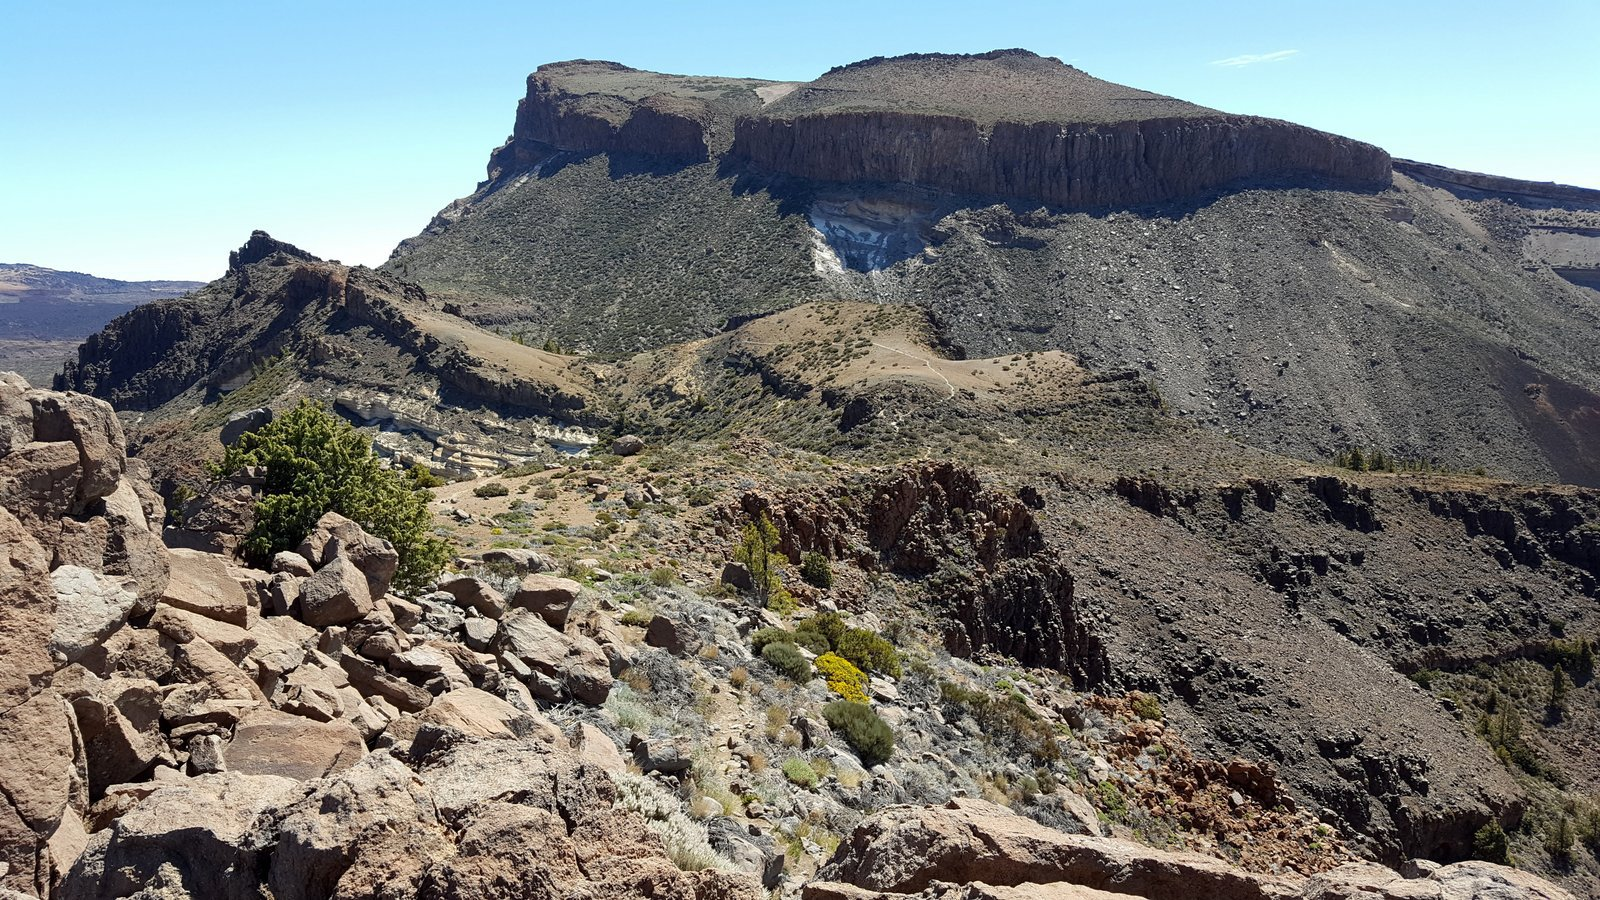 Guajara (Alto de) e Montana Pasajiron da Cañada Blanca, anello per Degollada Ucanca e Degollada de Guajara 2017-05-21